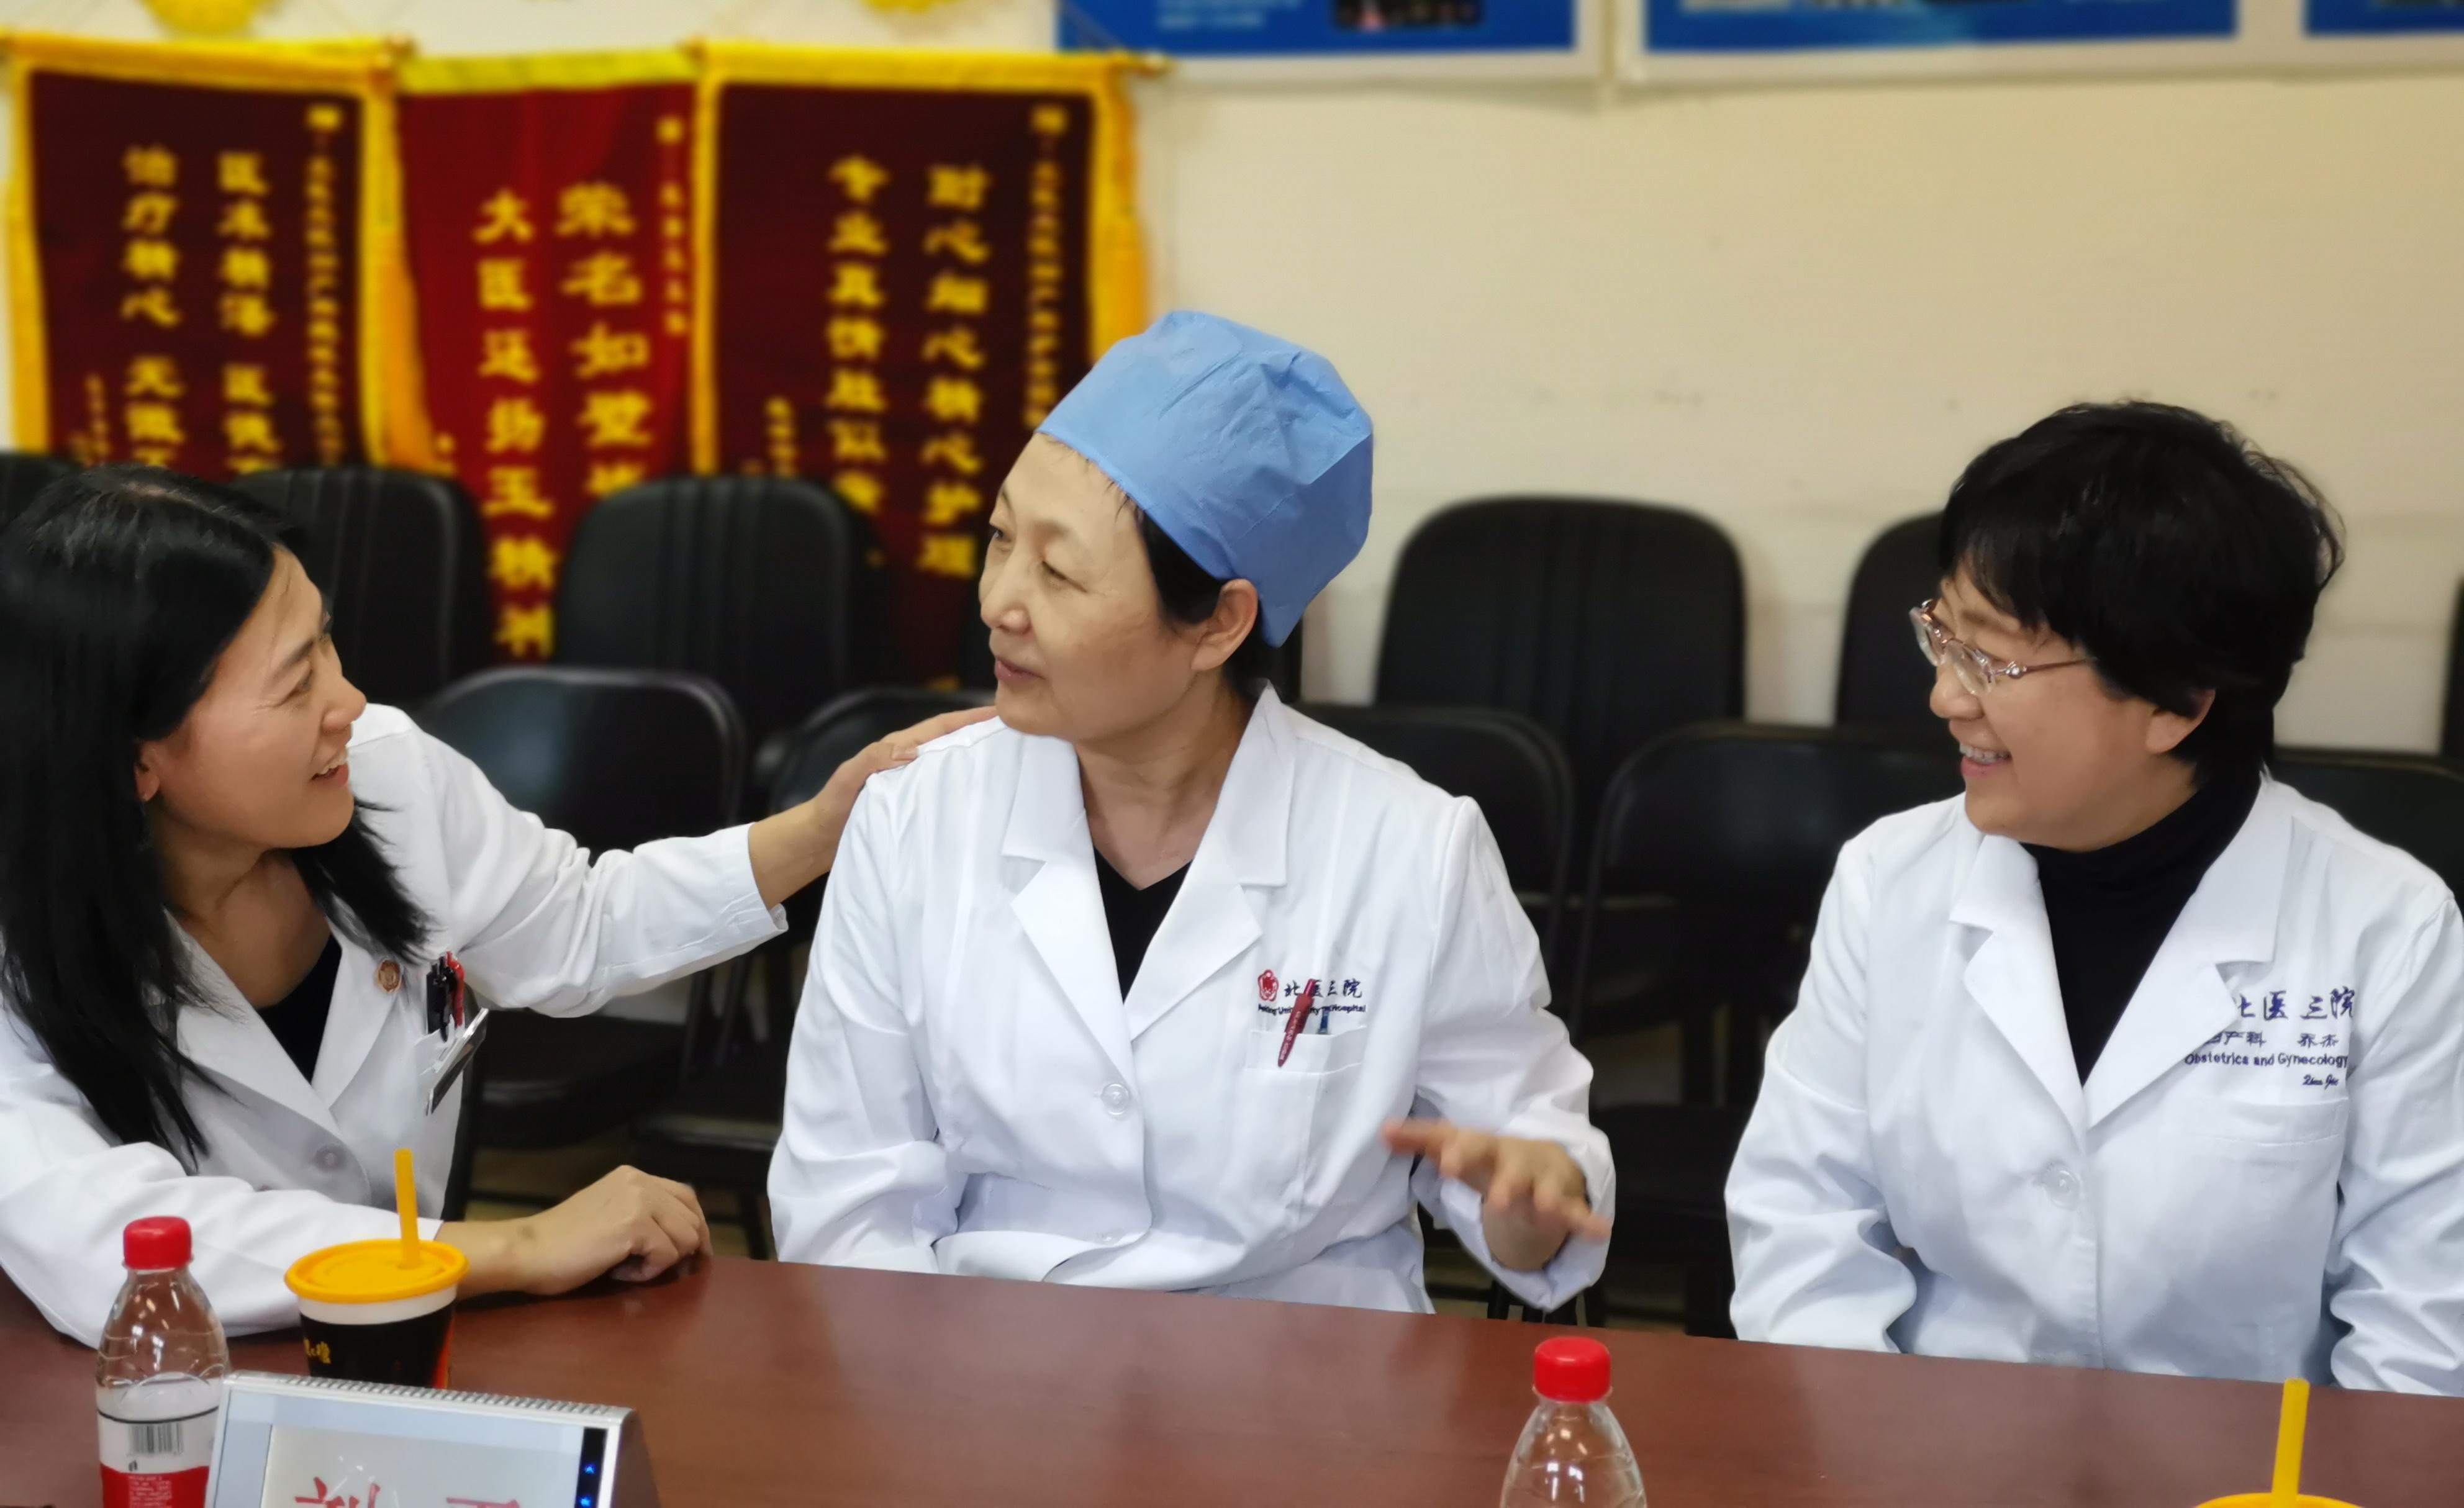 医声医事 | 中国大陆首例试管婴儿郑萌珠当妈妈